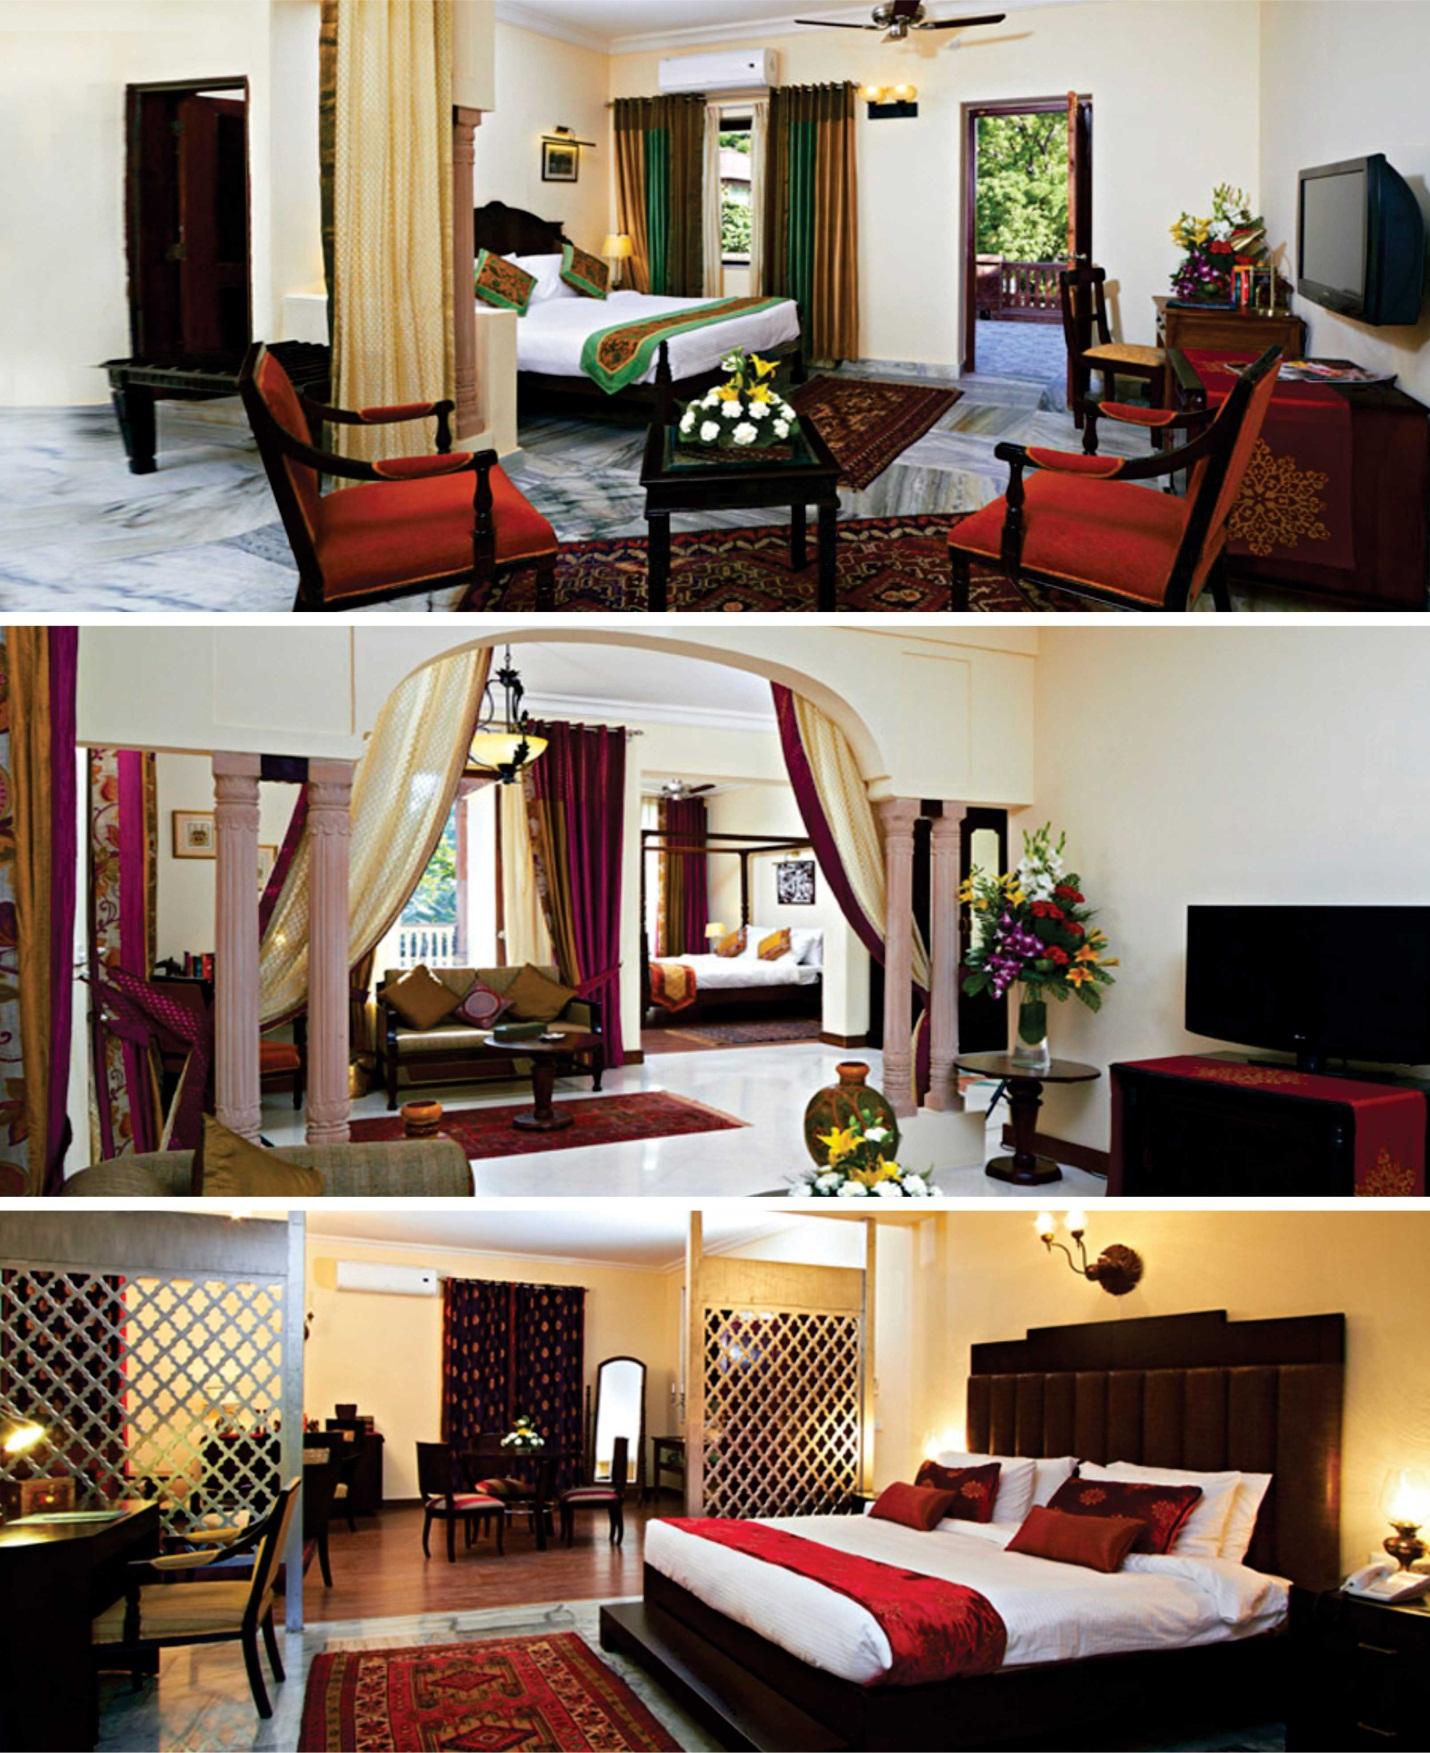 Ranbaka Palace Rooms